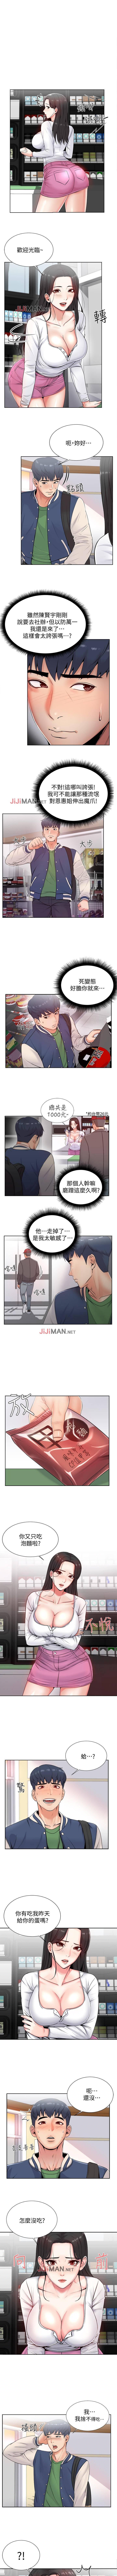 【周三连载】超市的漂亮姐姐(作者:北鼻&逃兵) 第1~40话 14